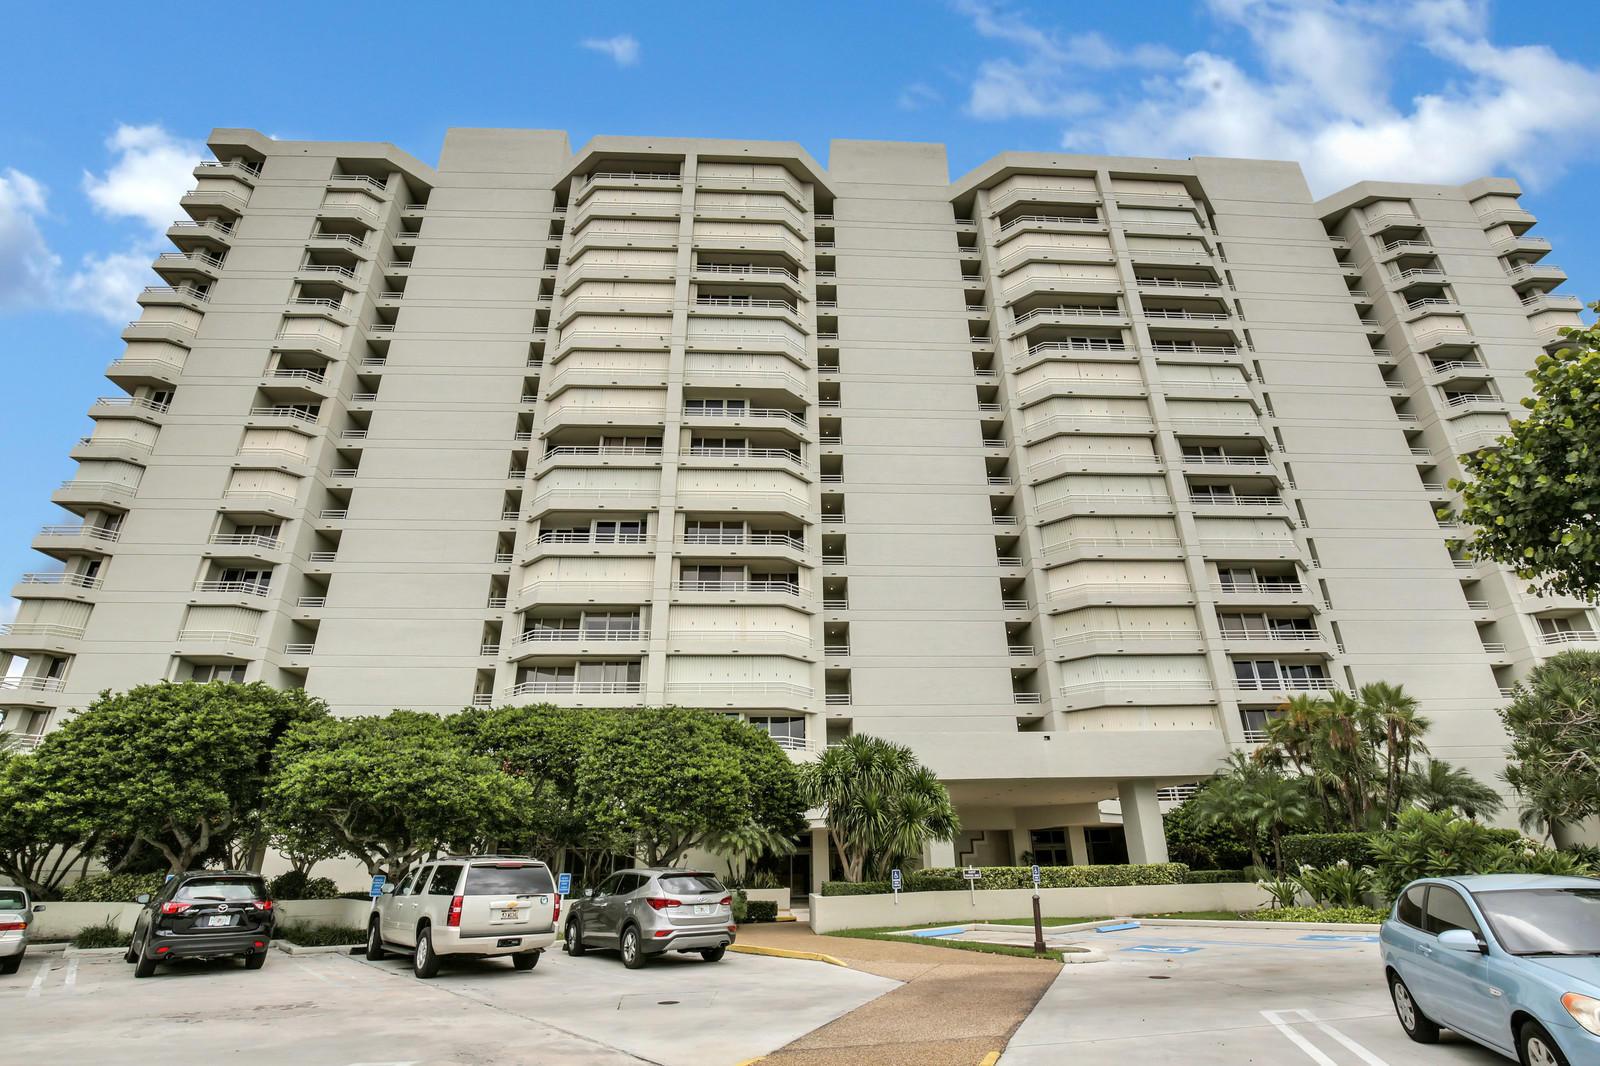 4201 N Ocean Boulevard #704 Boca Raton, FL 33431